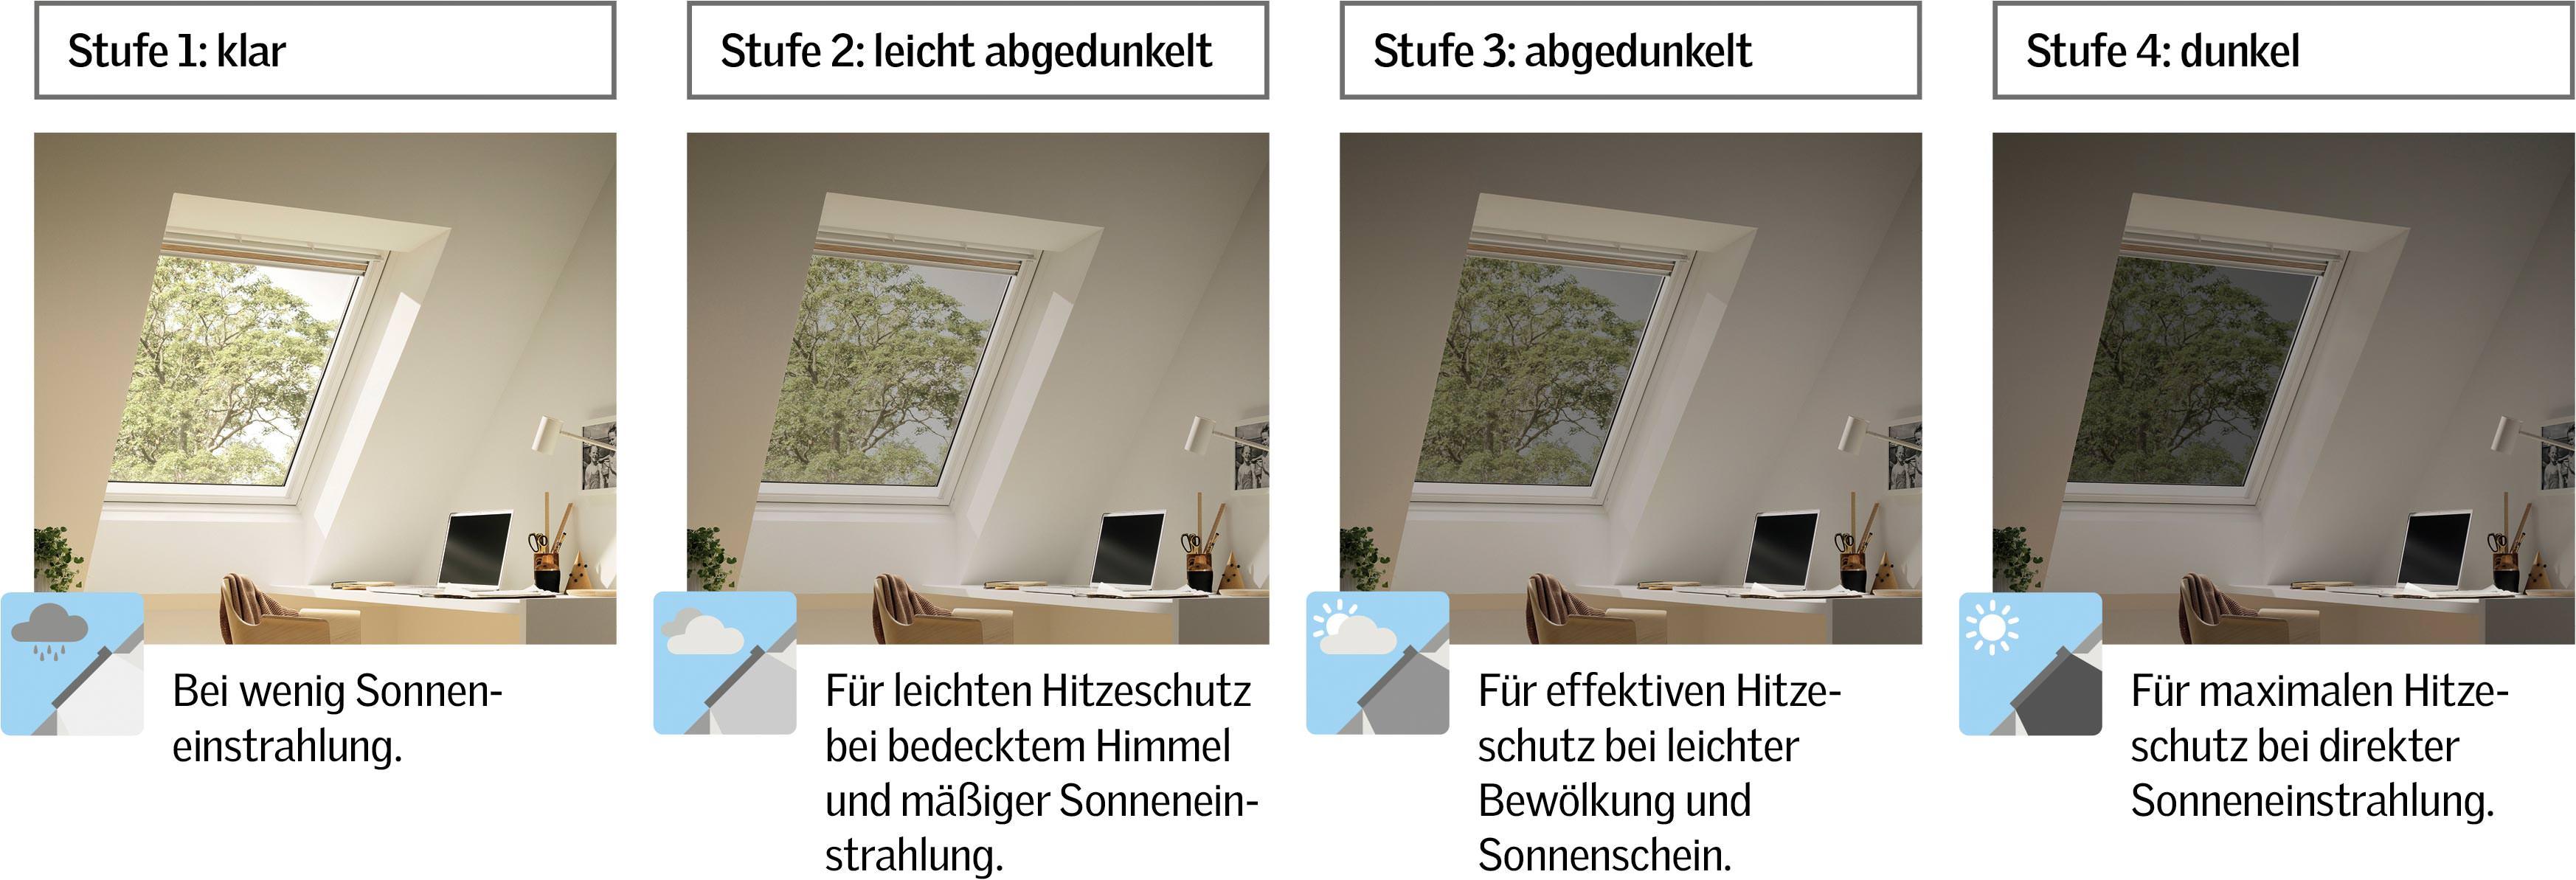 dachfenster mit schaltbarer verglasung zu moderaten preisen - so gut